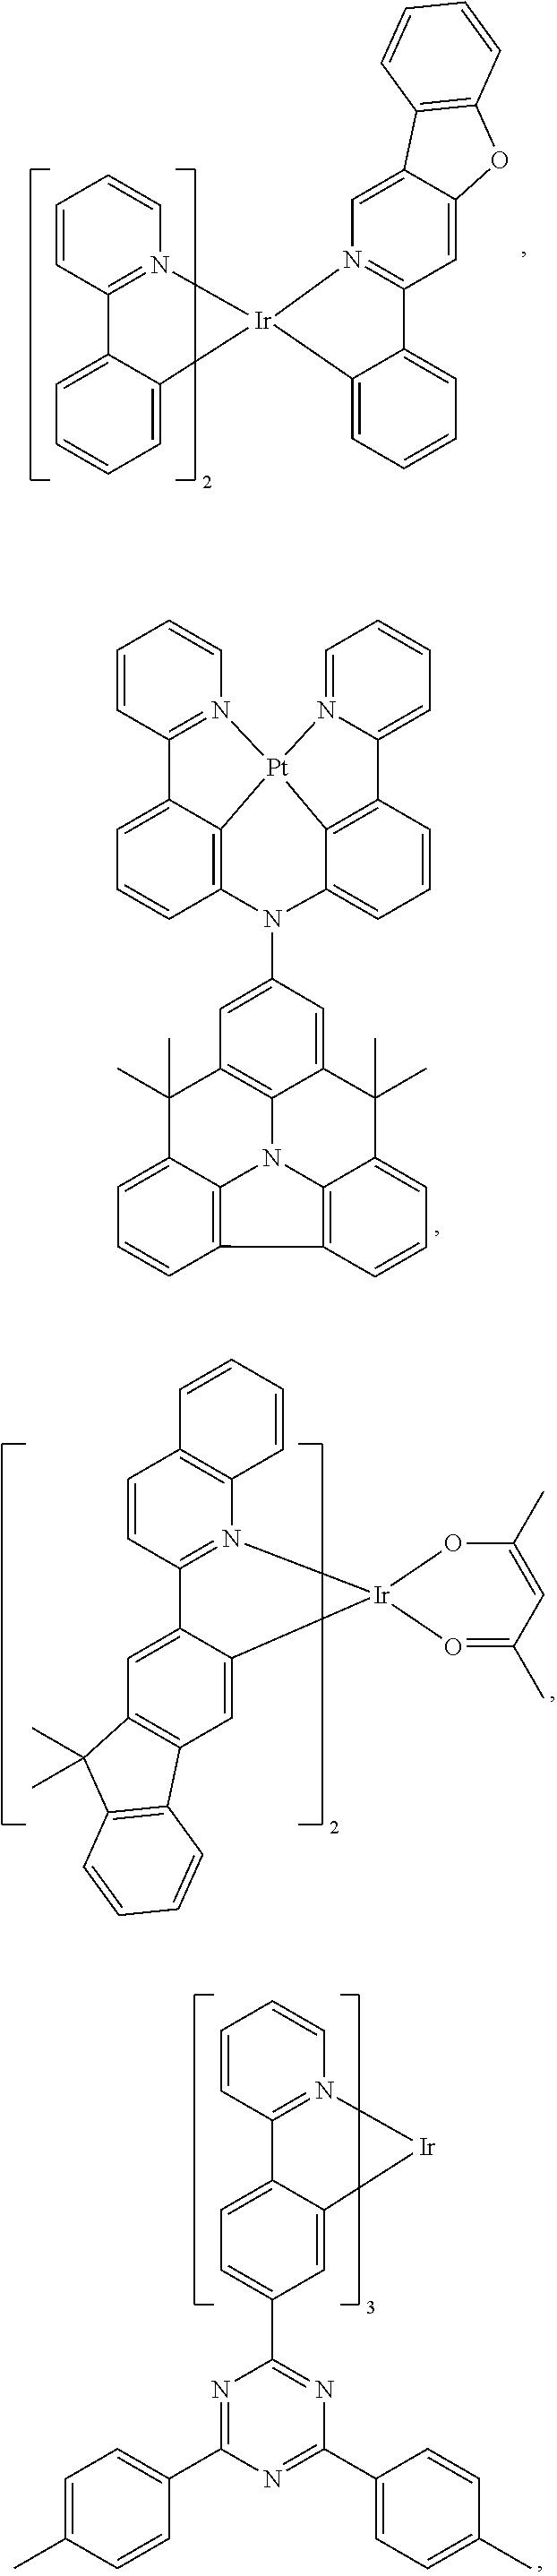 Figure US09859510-20180102-C00084